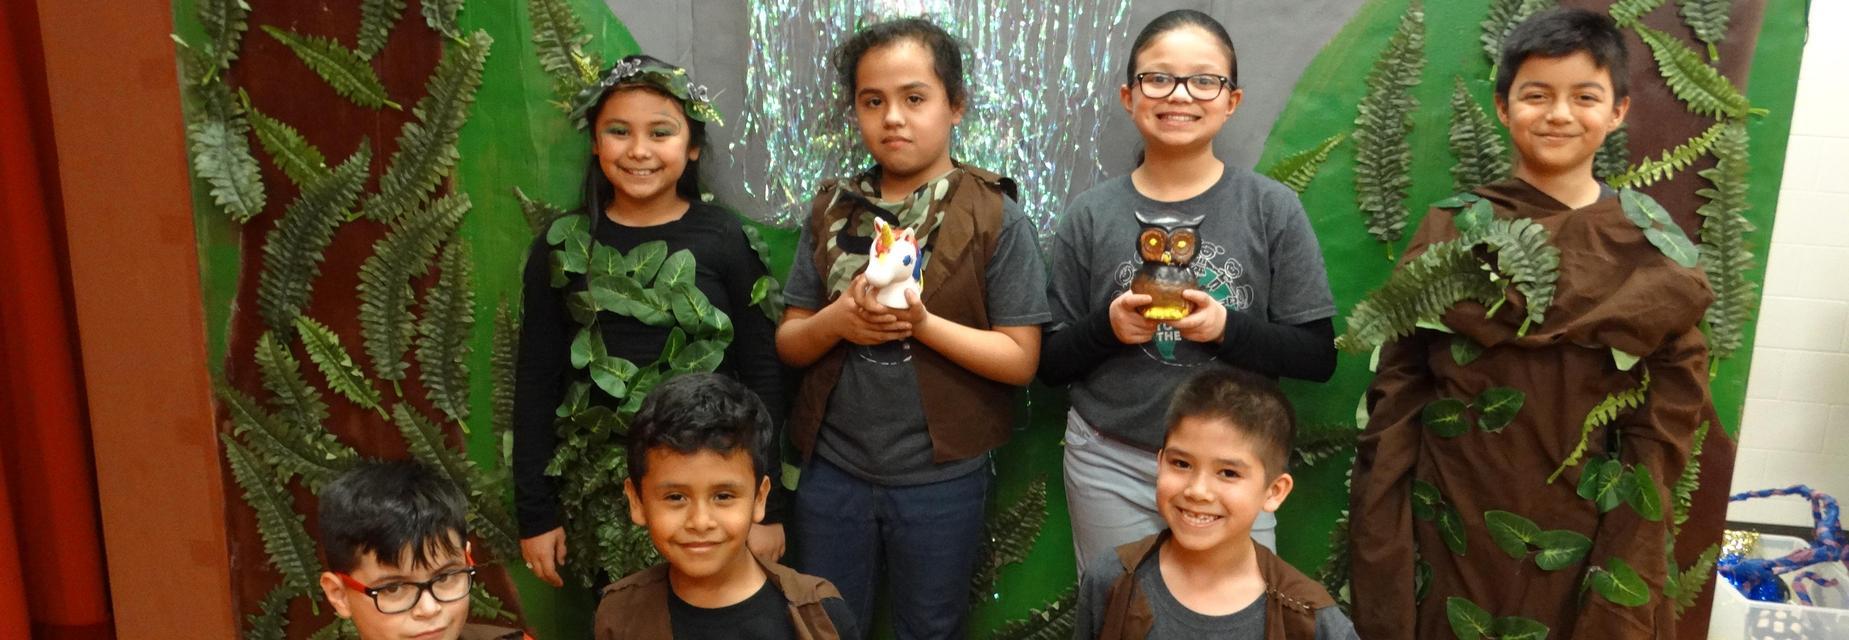 Mrs. De Los Reyes's DI team